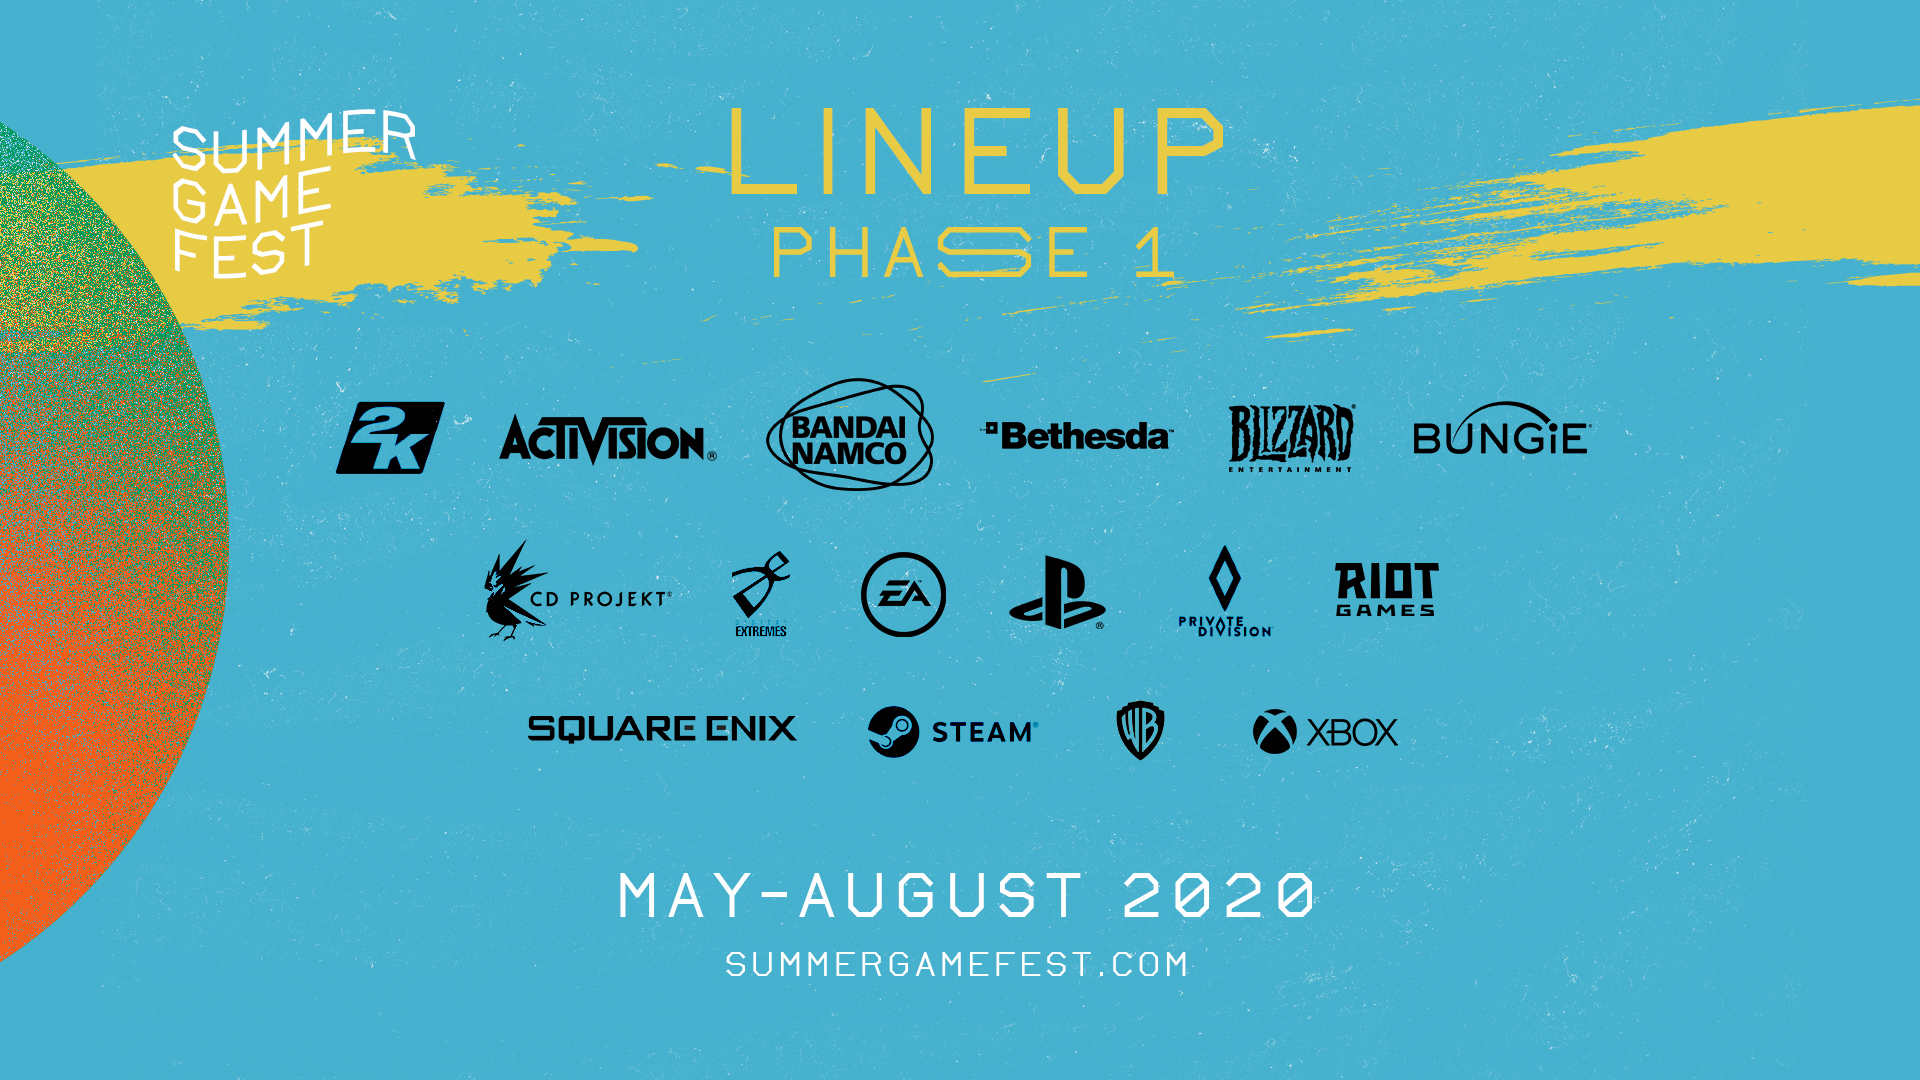 SummerGameFestLineup1